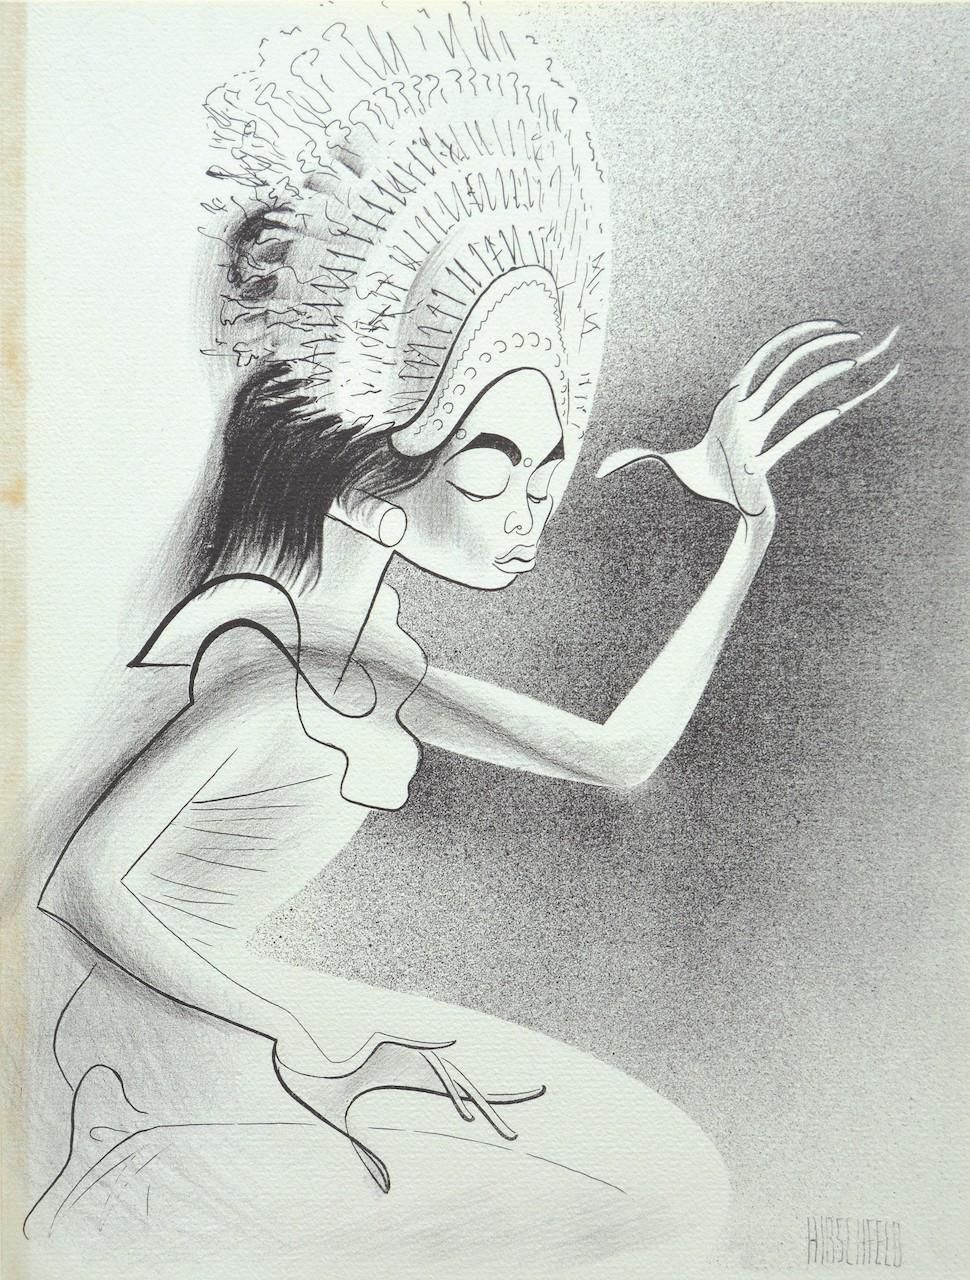 Lot 806 'Balinese Djanger' (1941) by Al Hirschfeld, lithograph, 30 x 23 cm